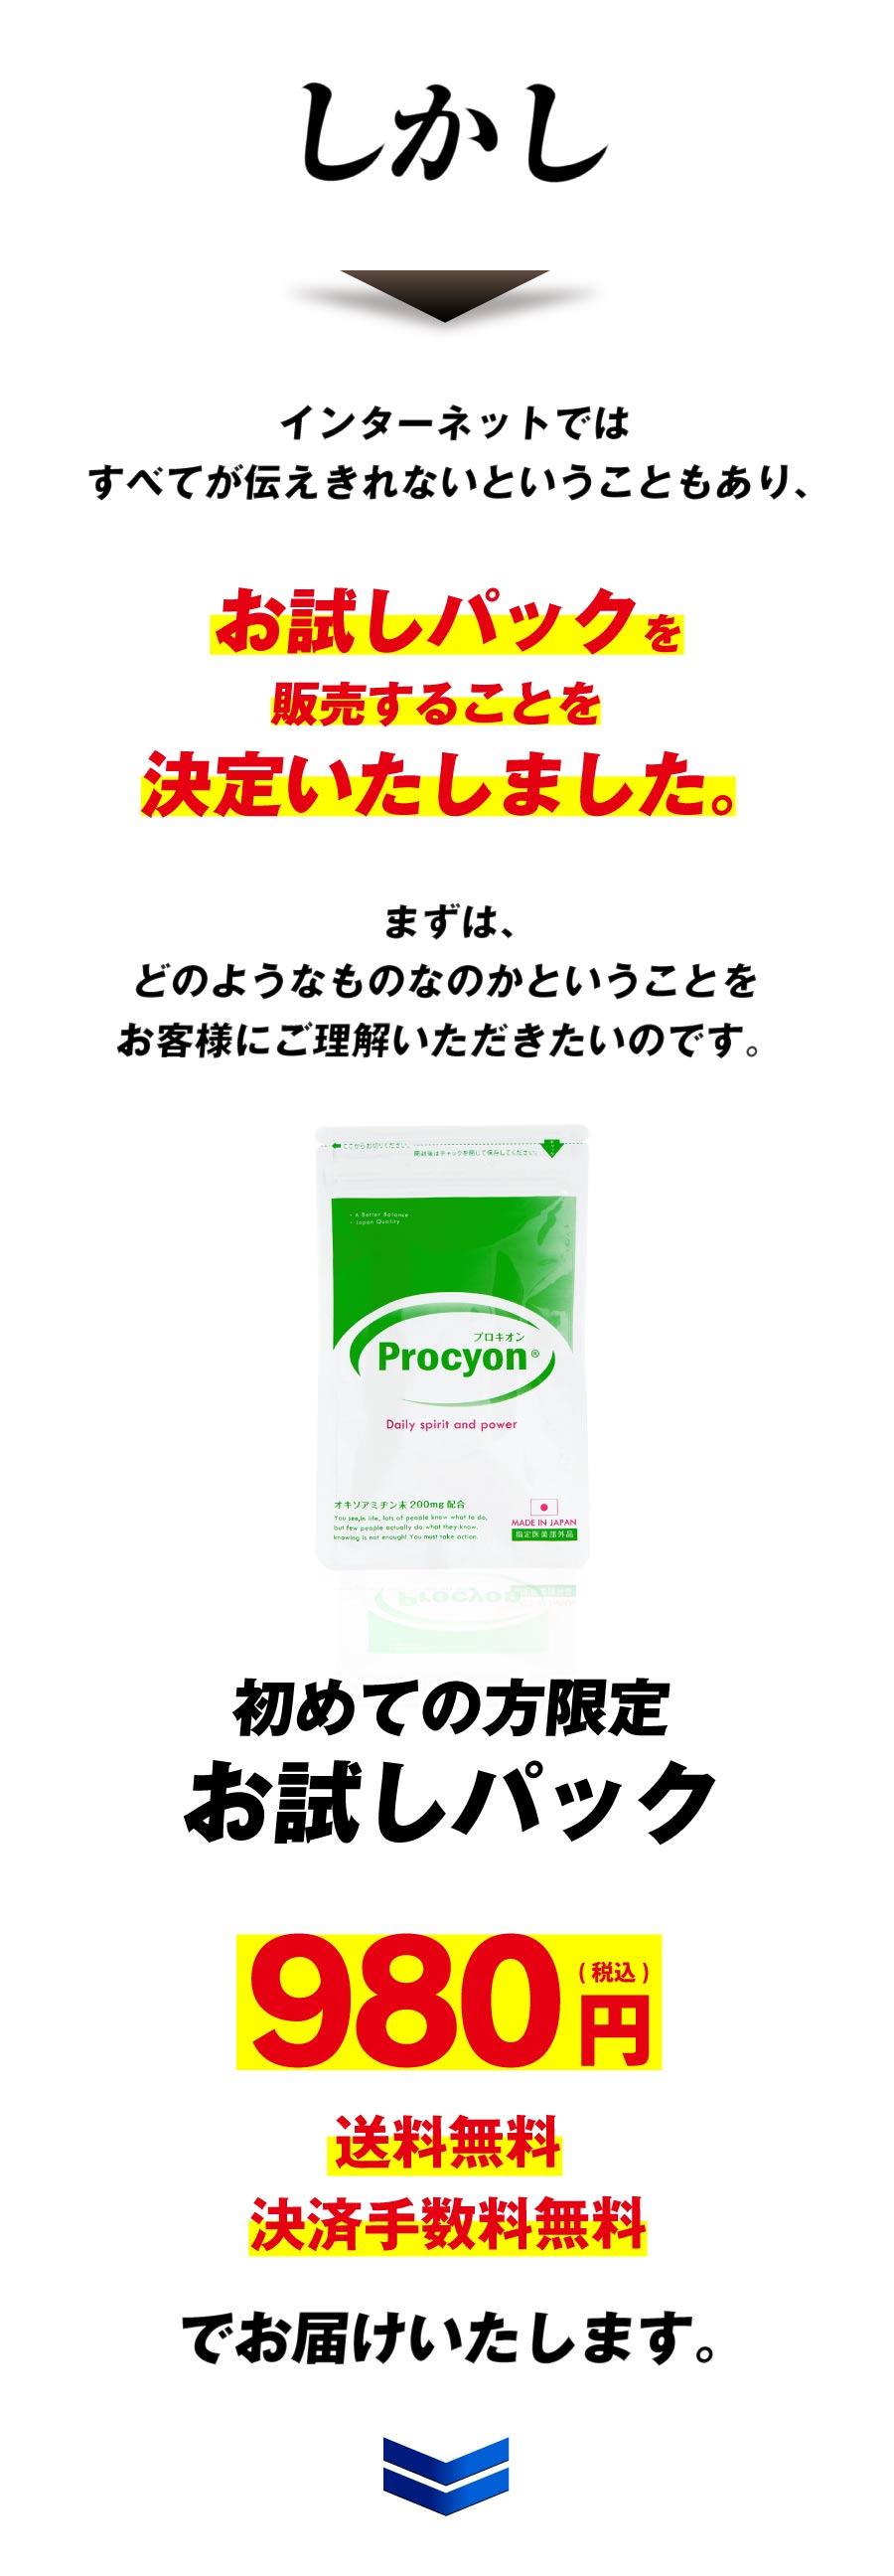 初めてご購入になるお客様限定でプロキオンお試しパックが980円で更に送料・決済手数料無料